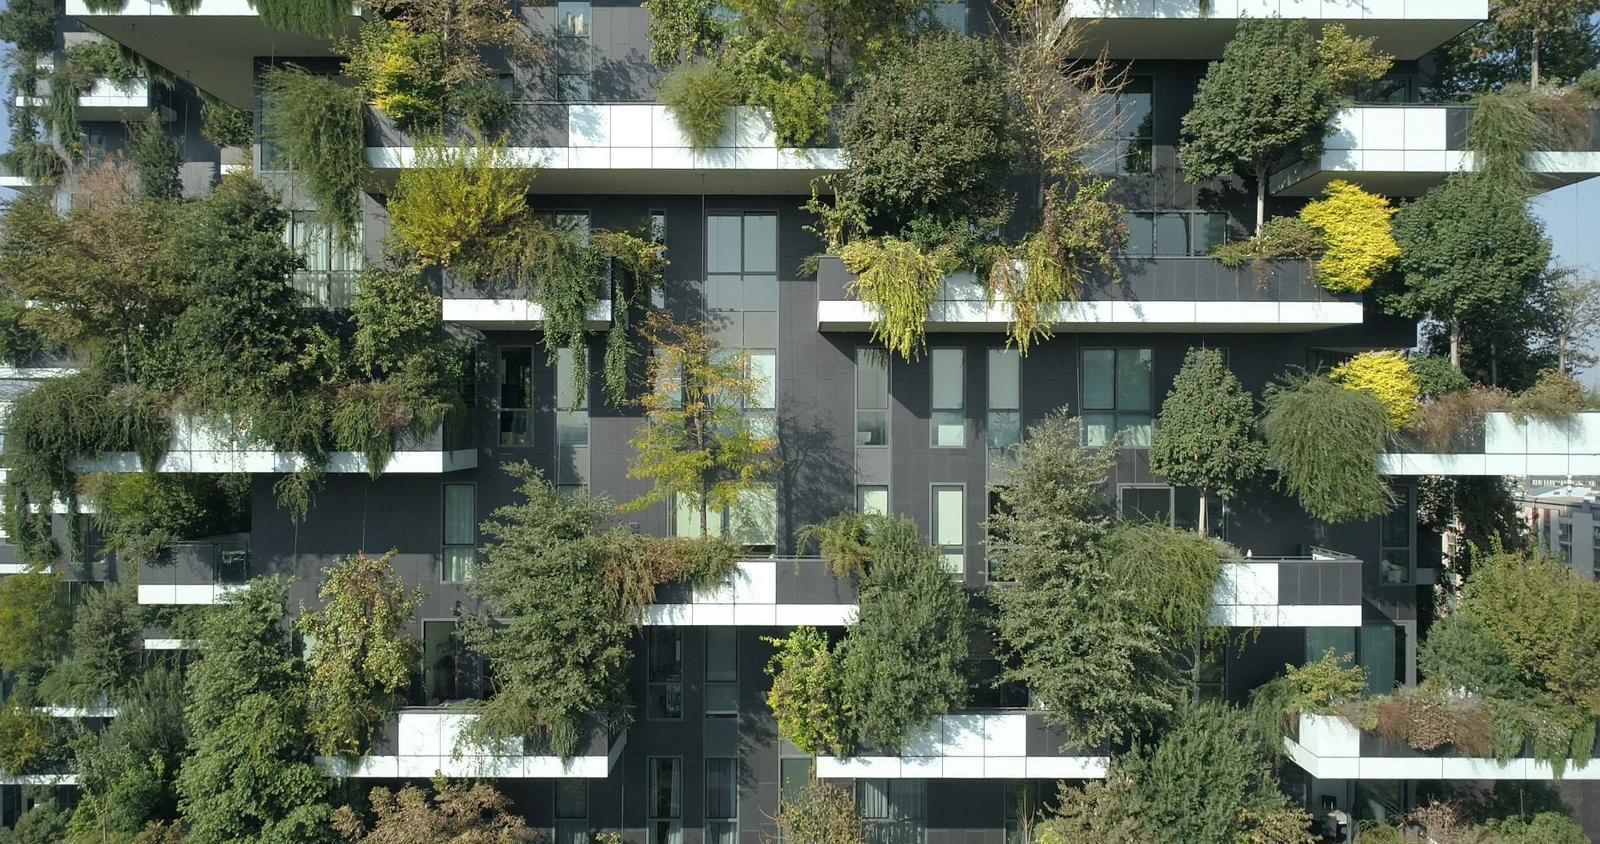 Zelene fasady - Smrekovce, čerešne, jablone, olivovníky, buky... Na každom balkóne rastú desiatky rastlín či stromov, ktoré sú rozmiestnené podľa toho, ako sú odolné voči vetru, a podľa toho, či majú radšej svetlo, alebo vlhkosť.